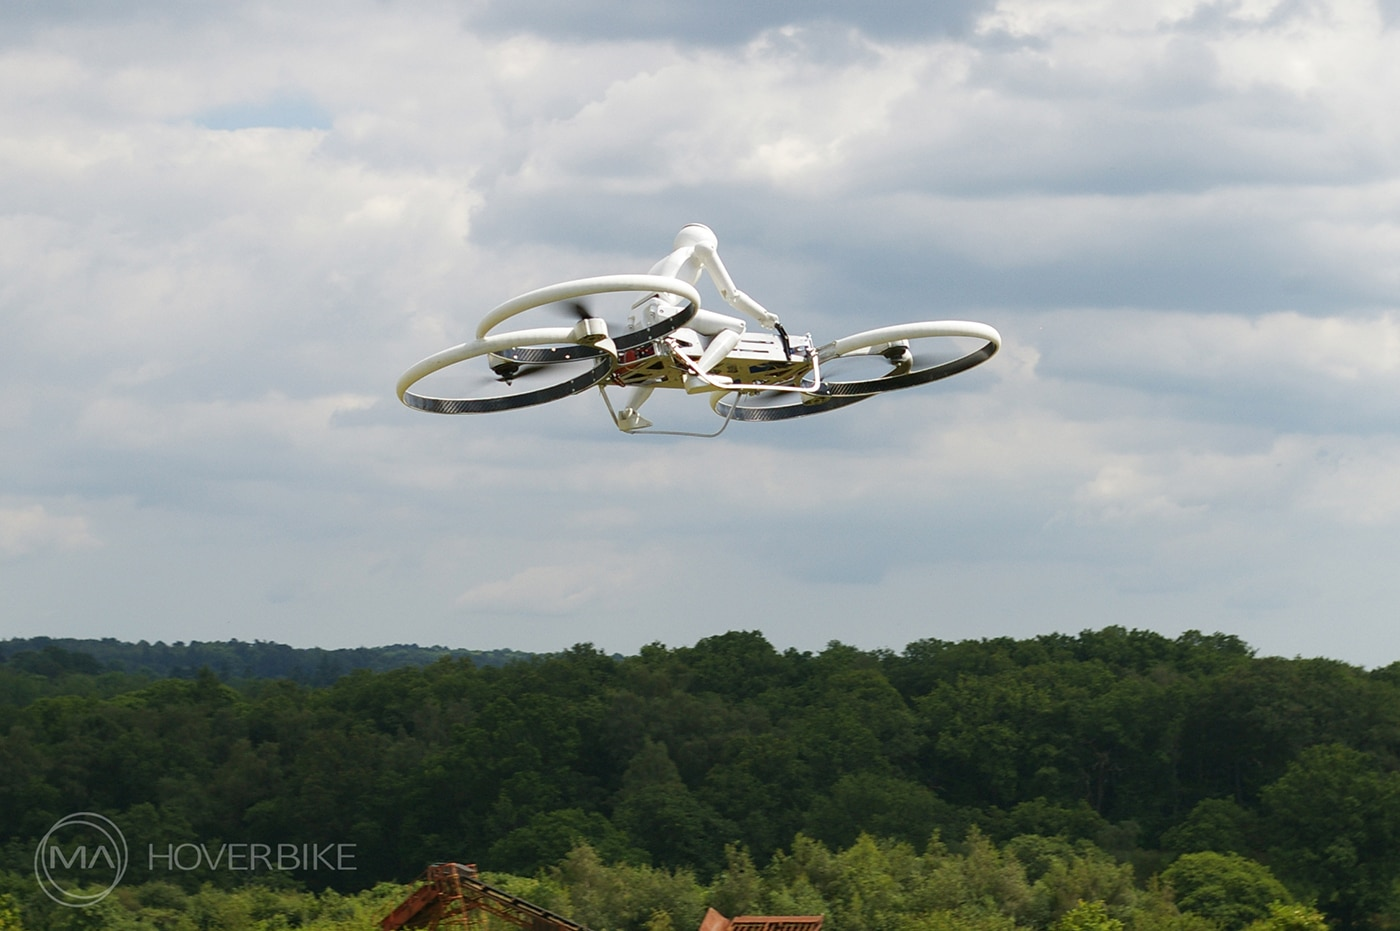 Hilfe! Die Stormtrooper greifen an!? (Foto: hover-bike.com)